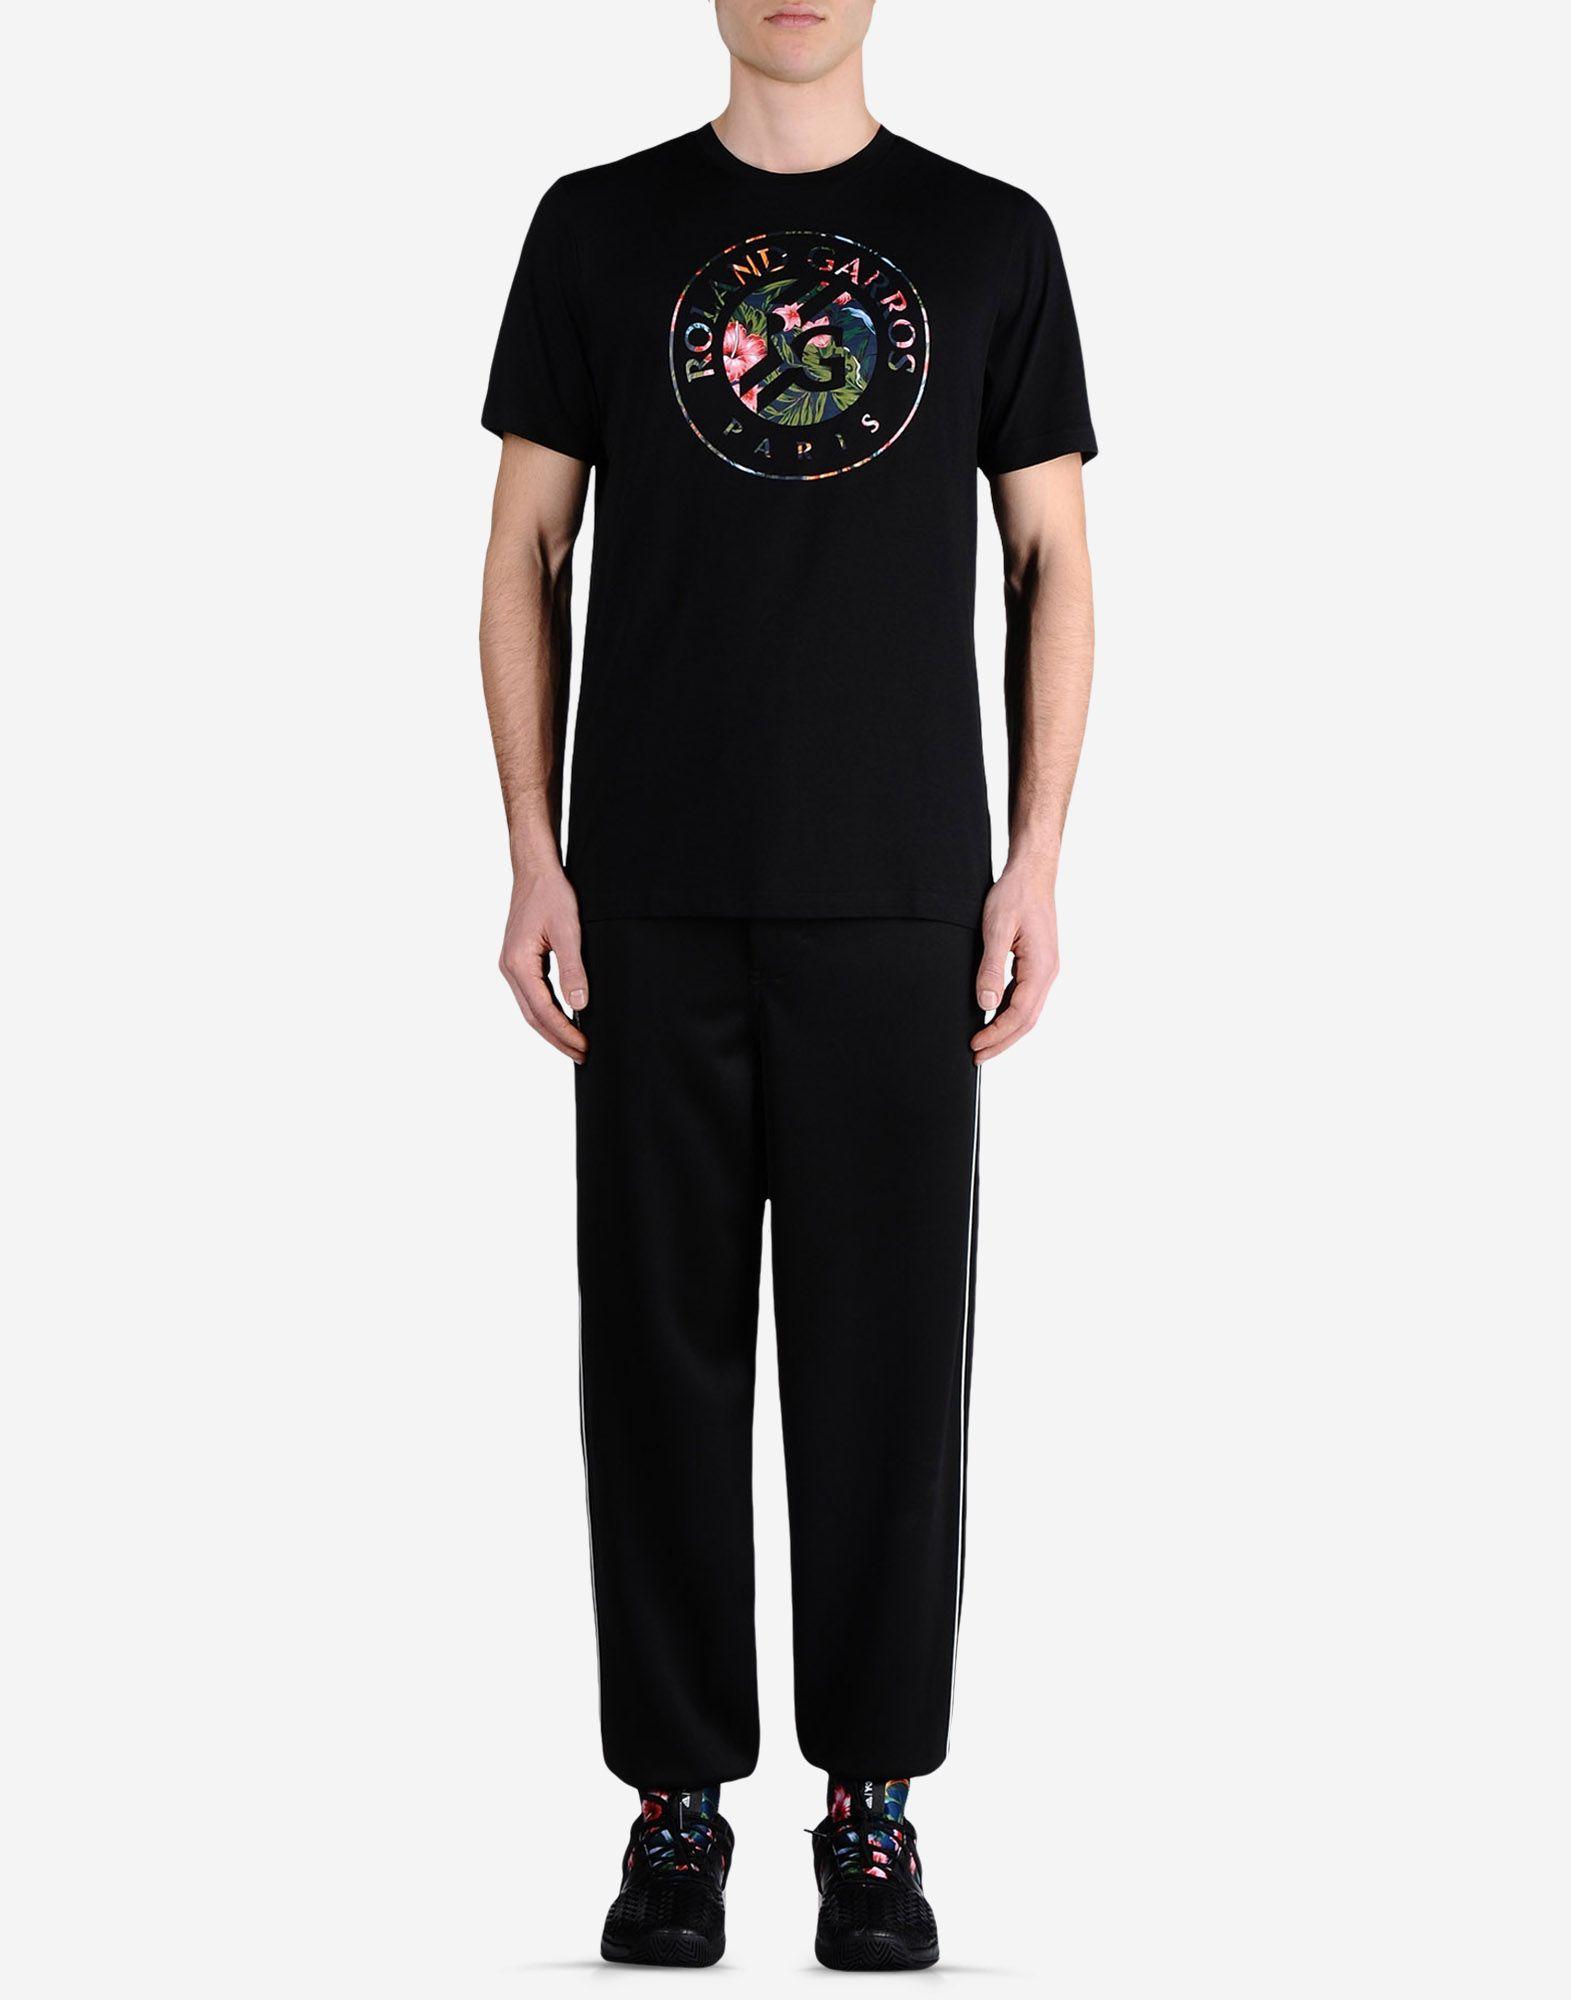 7b6912a5426a6 ... Y-3 Roland Garros Y-3 Event Tee Short sleeve t-shirt Man ...